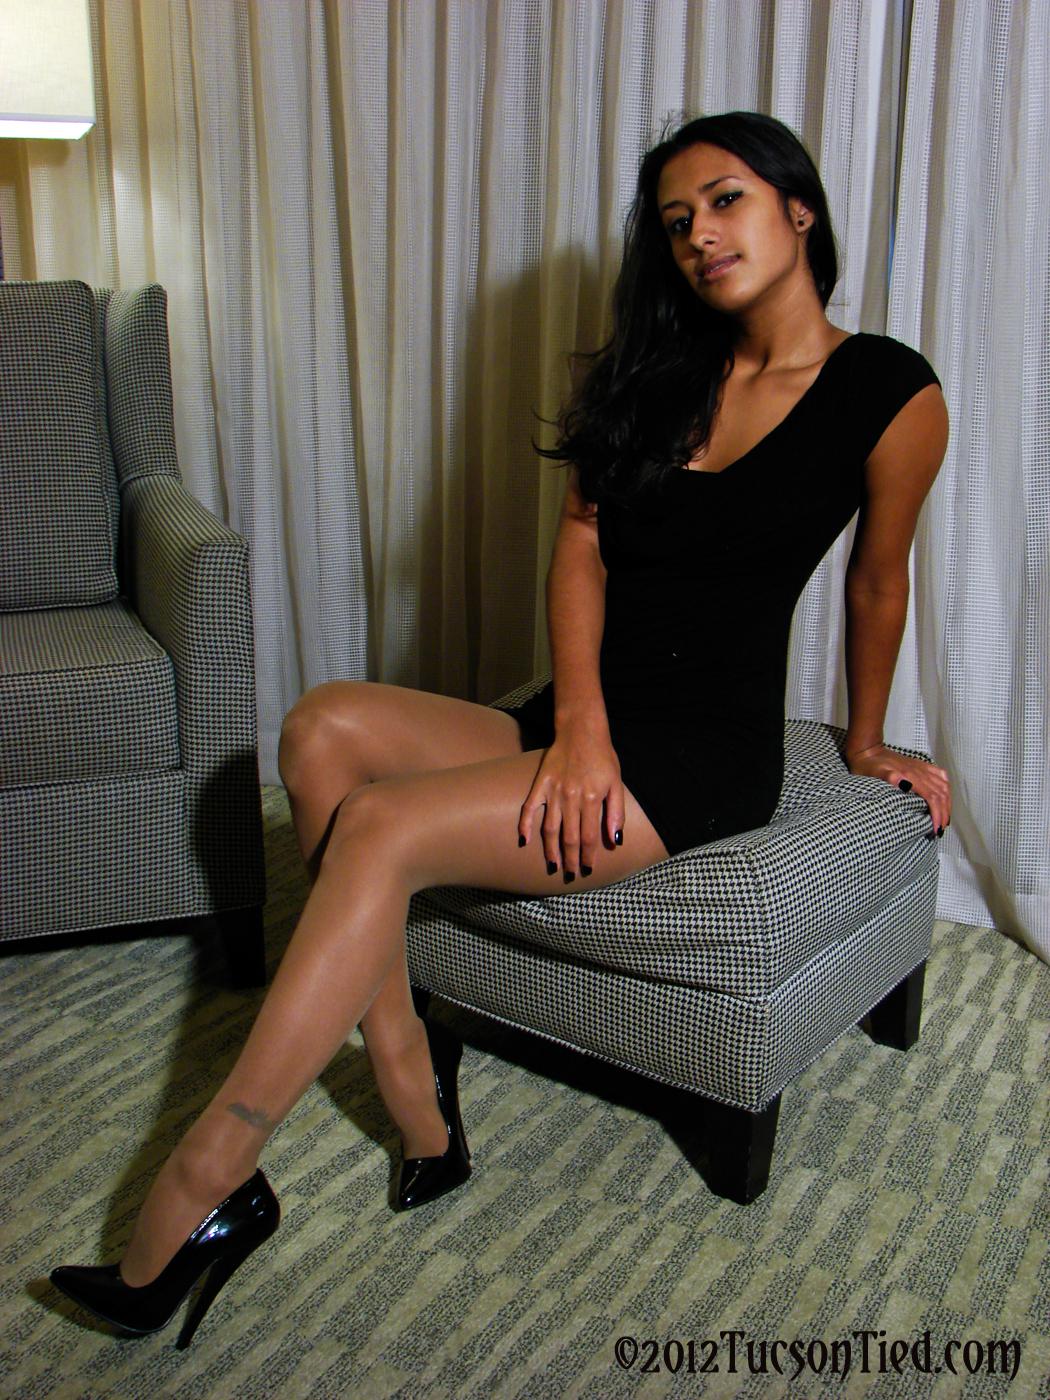 Bondage videos strip images 37